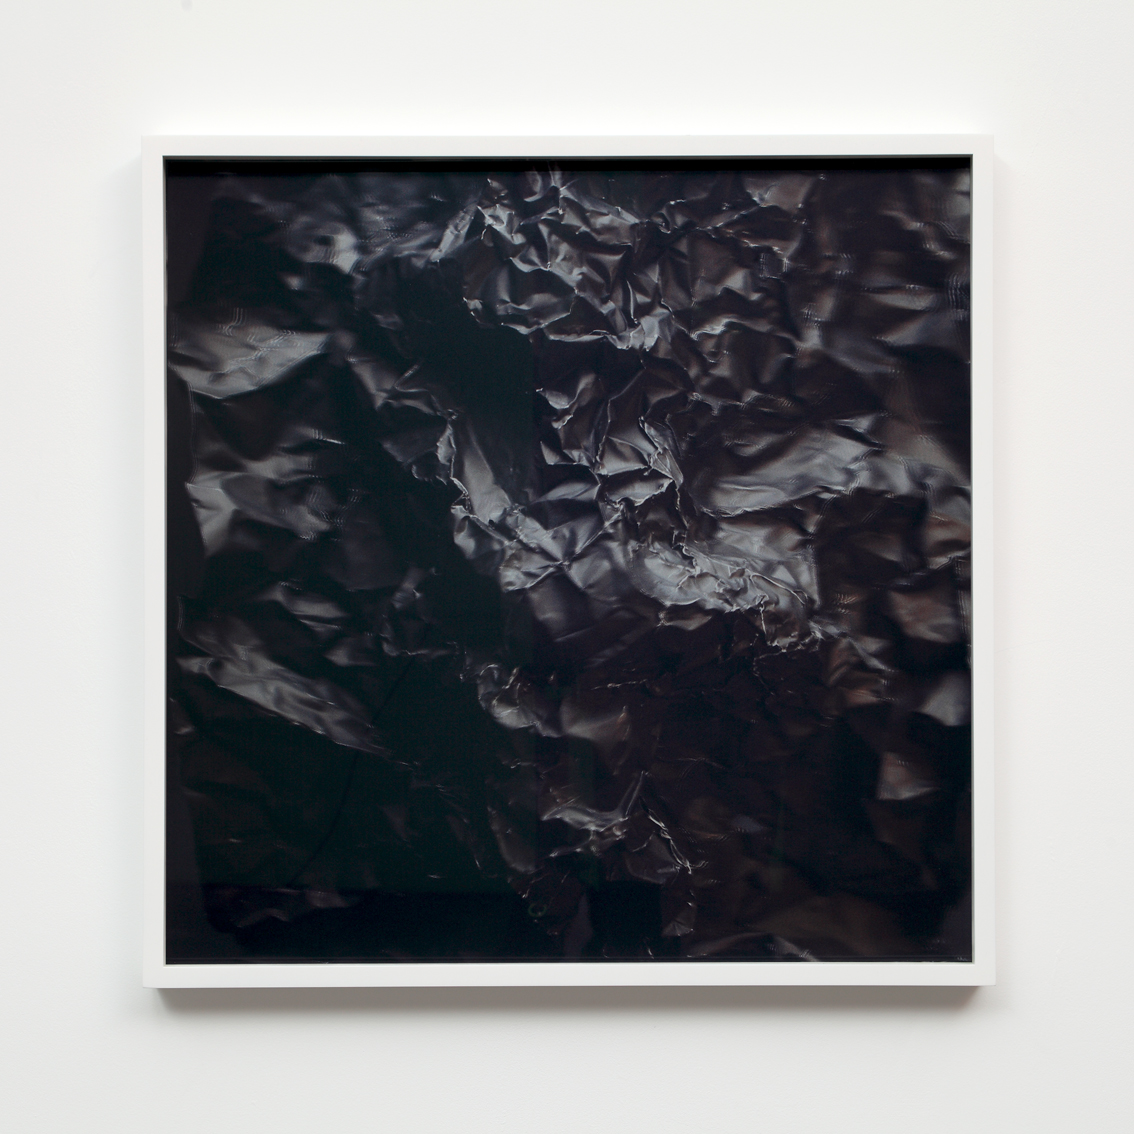 Foil (black) 2  3D lenticular photograph 60x60 cm.